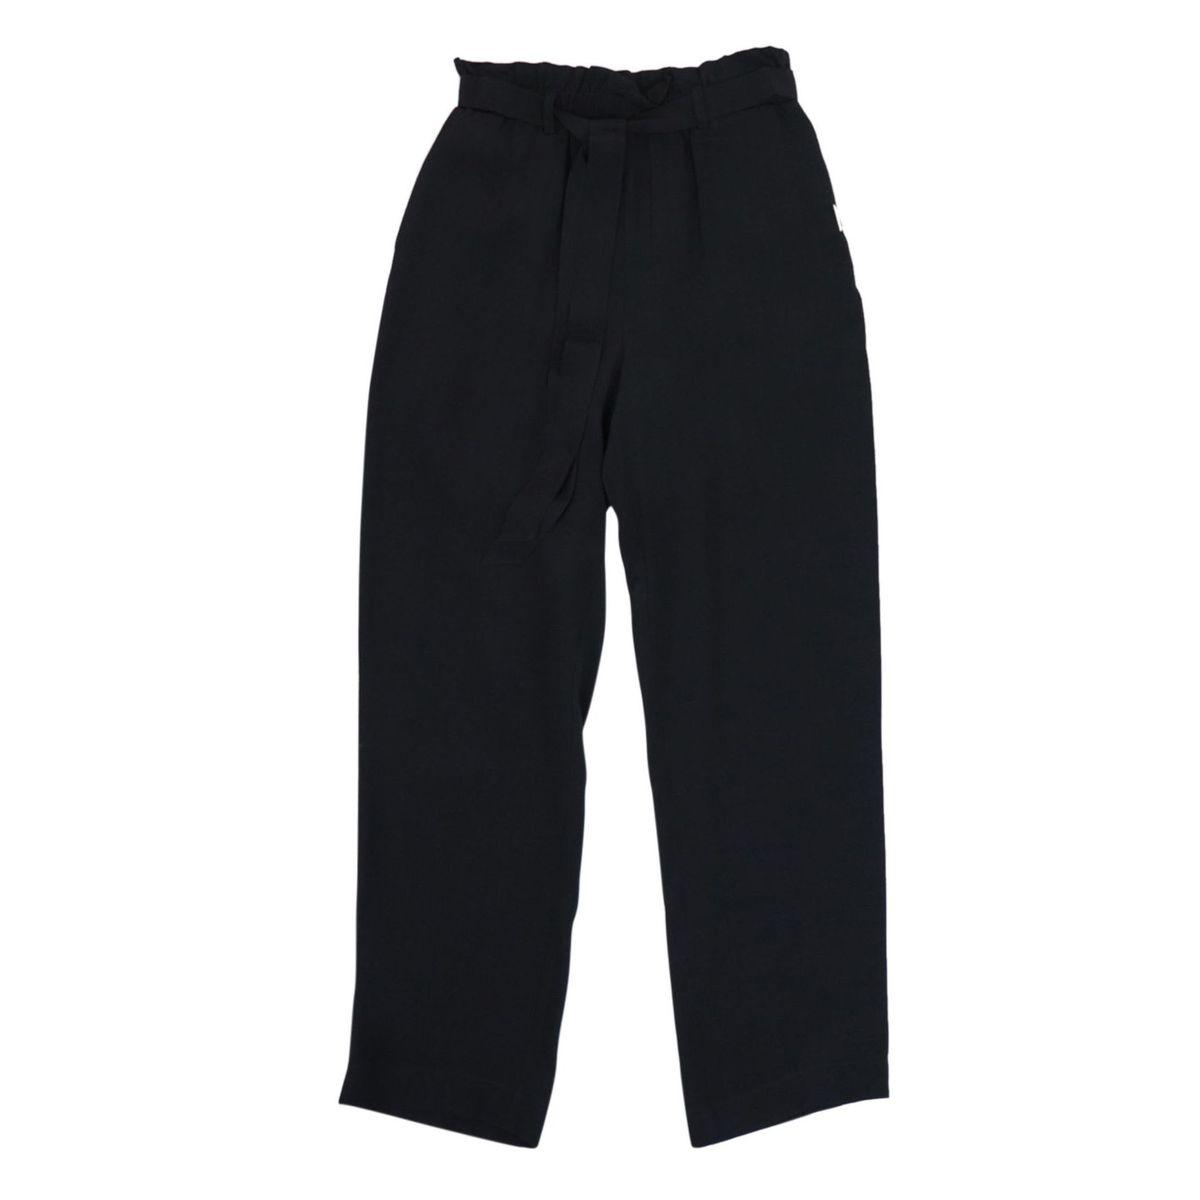 Carrot trousers in viscose Black Liu Jo